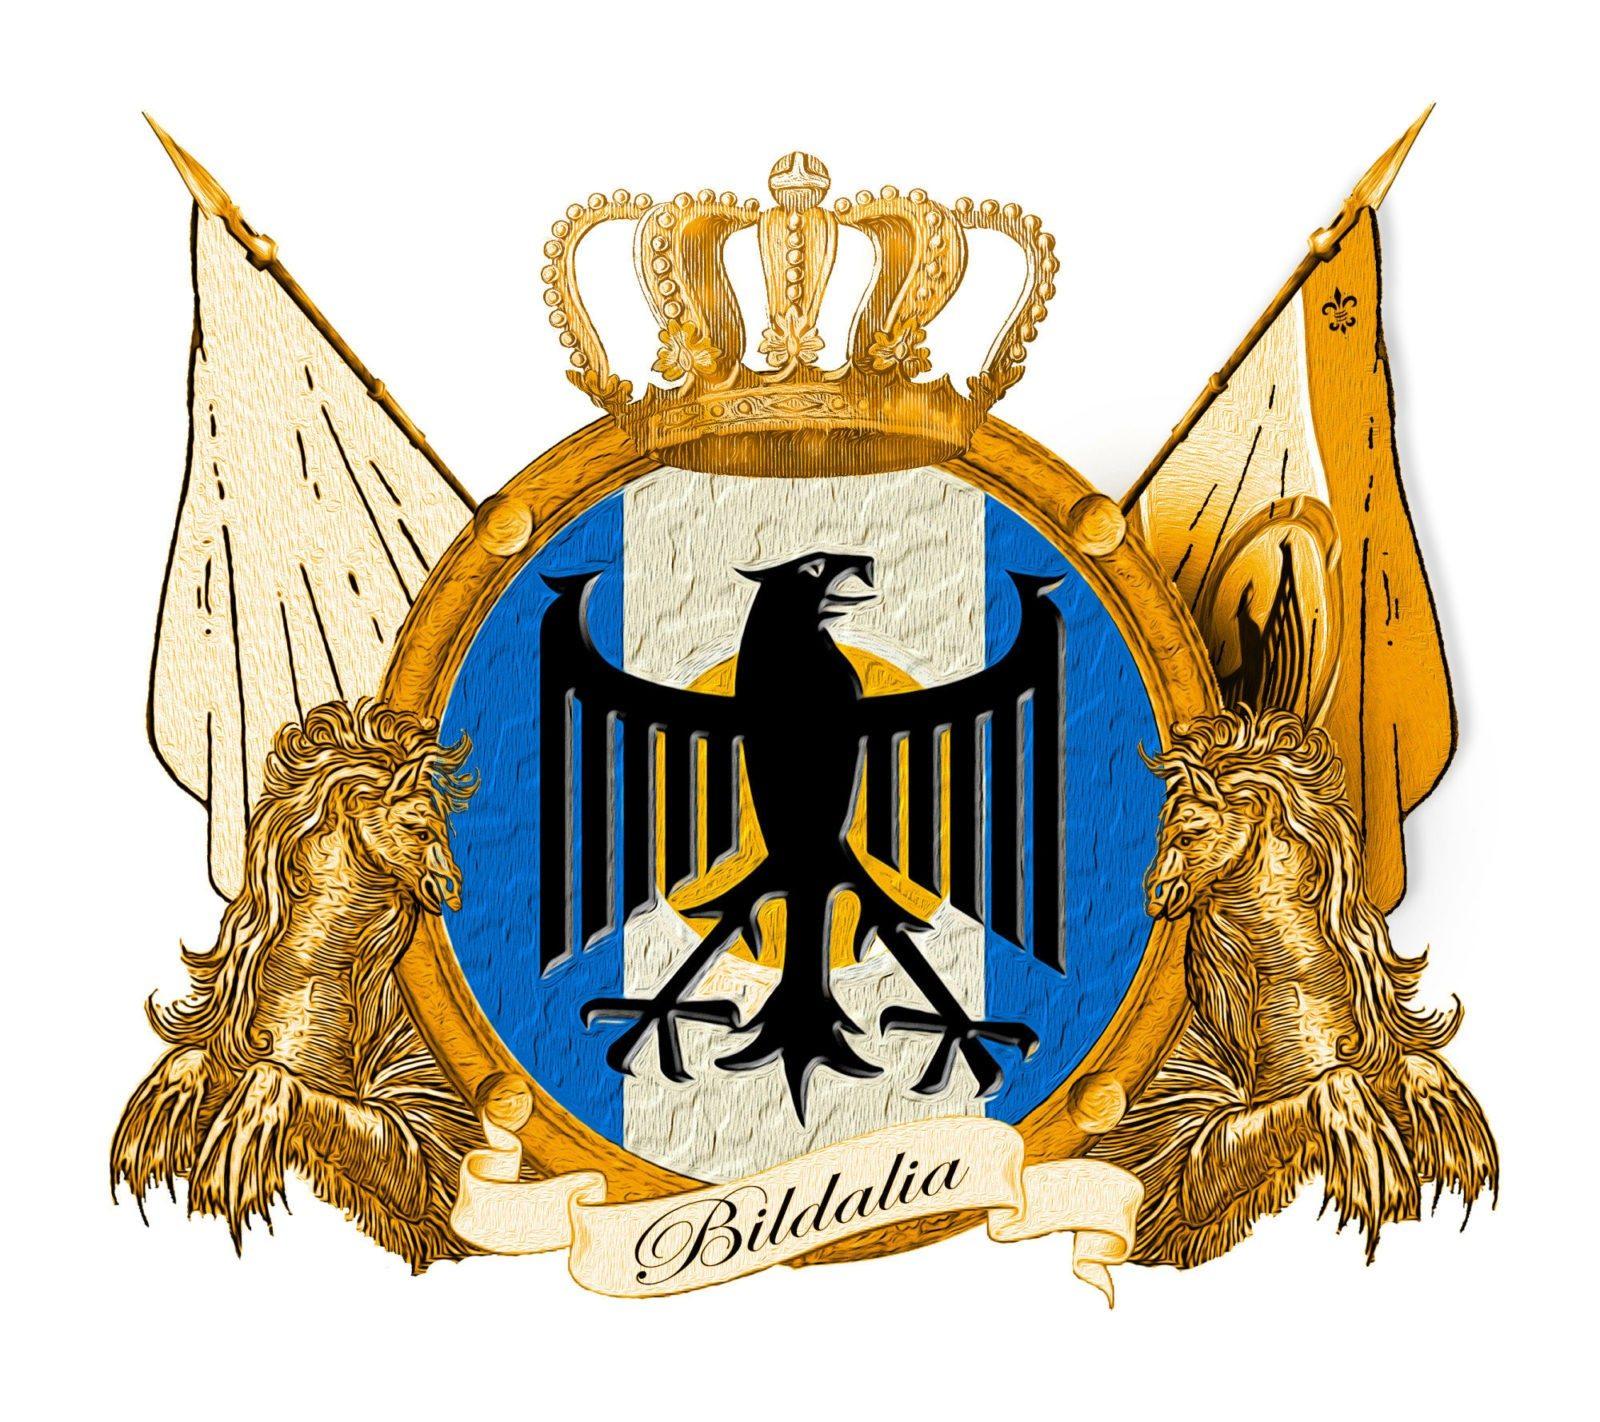 The Kingdom of Bíldalía.